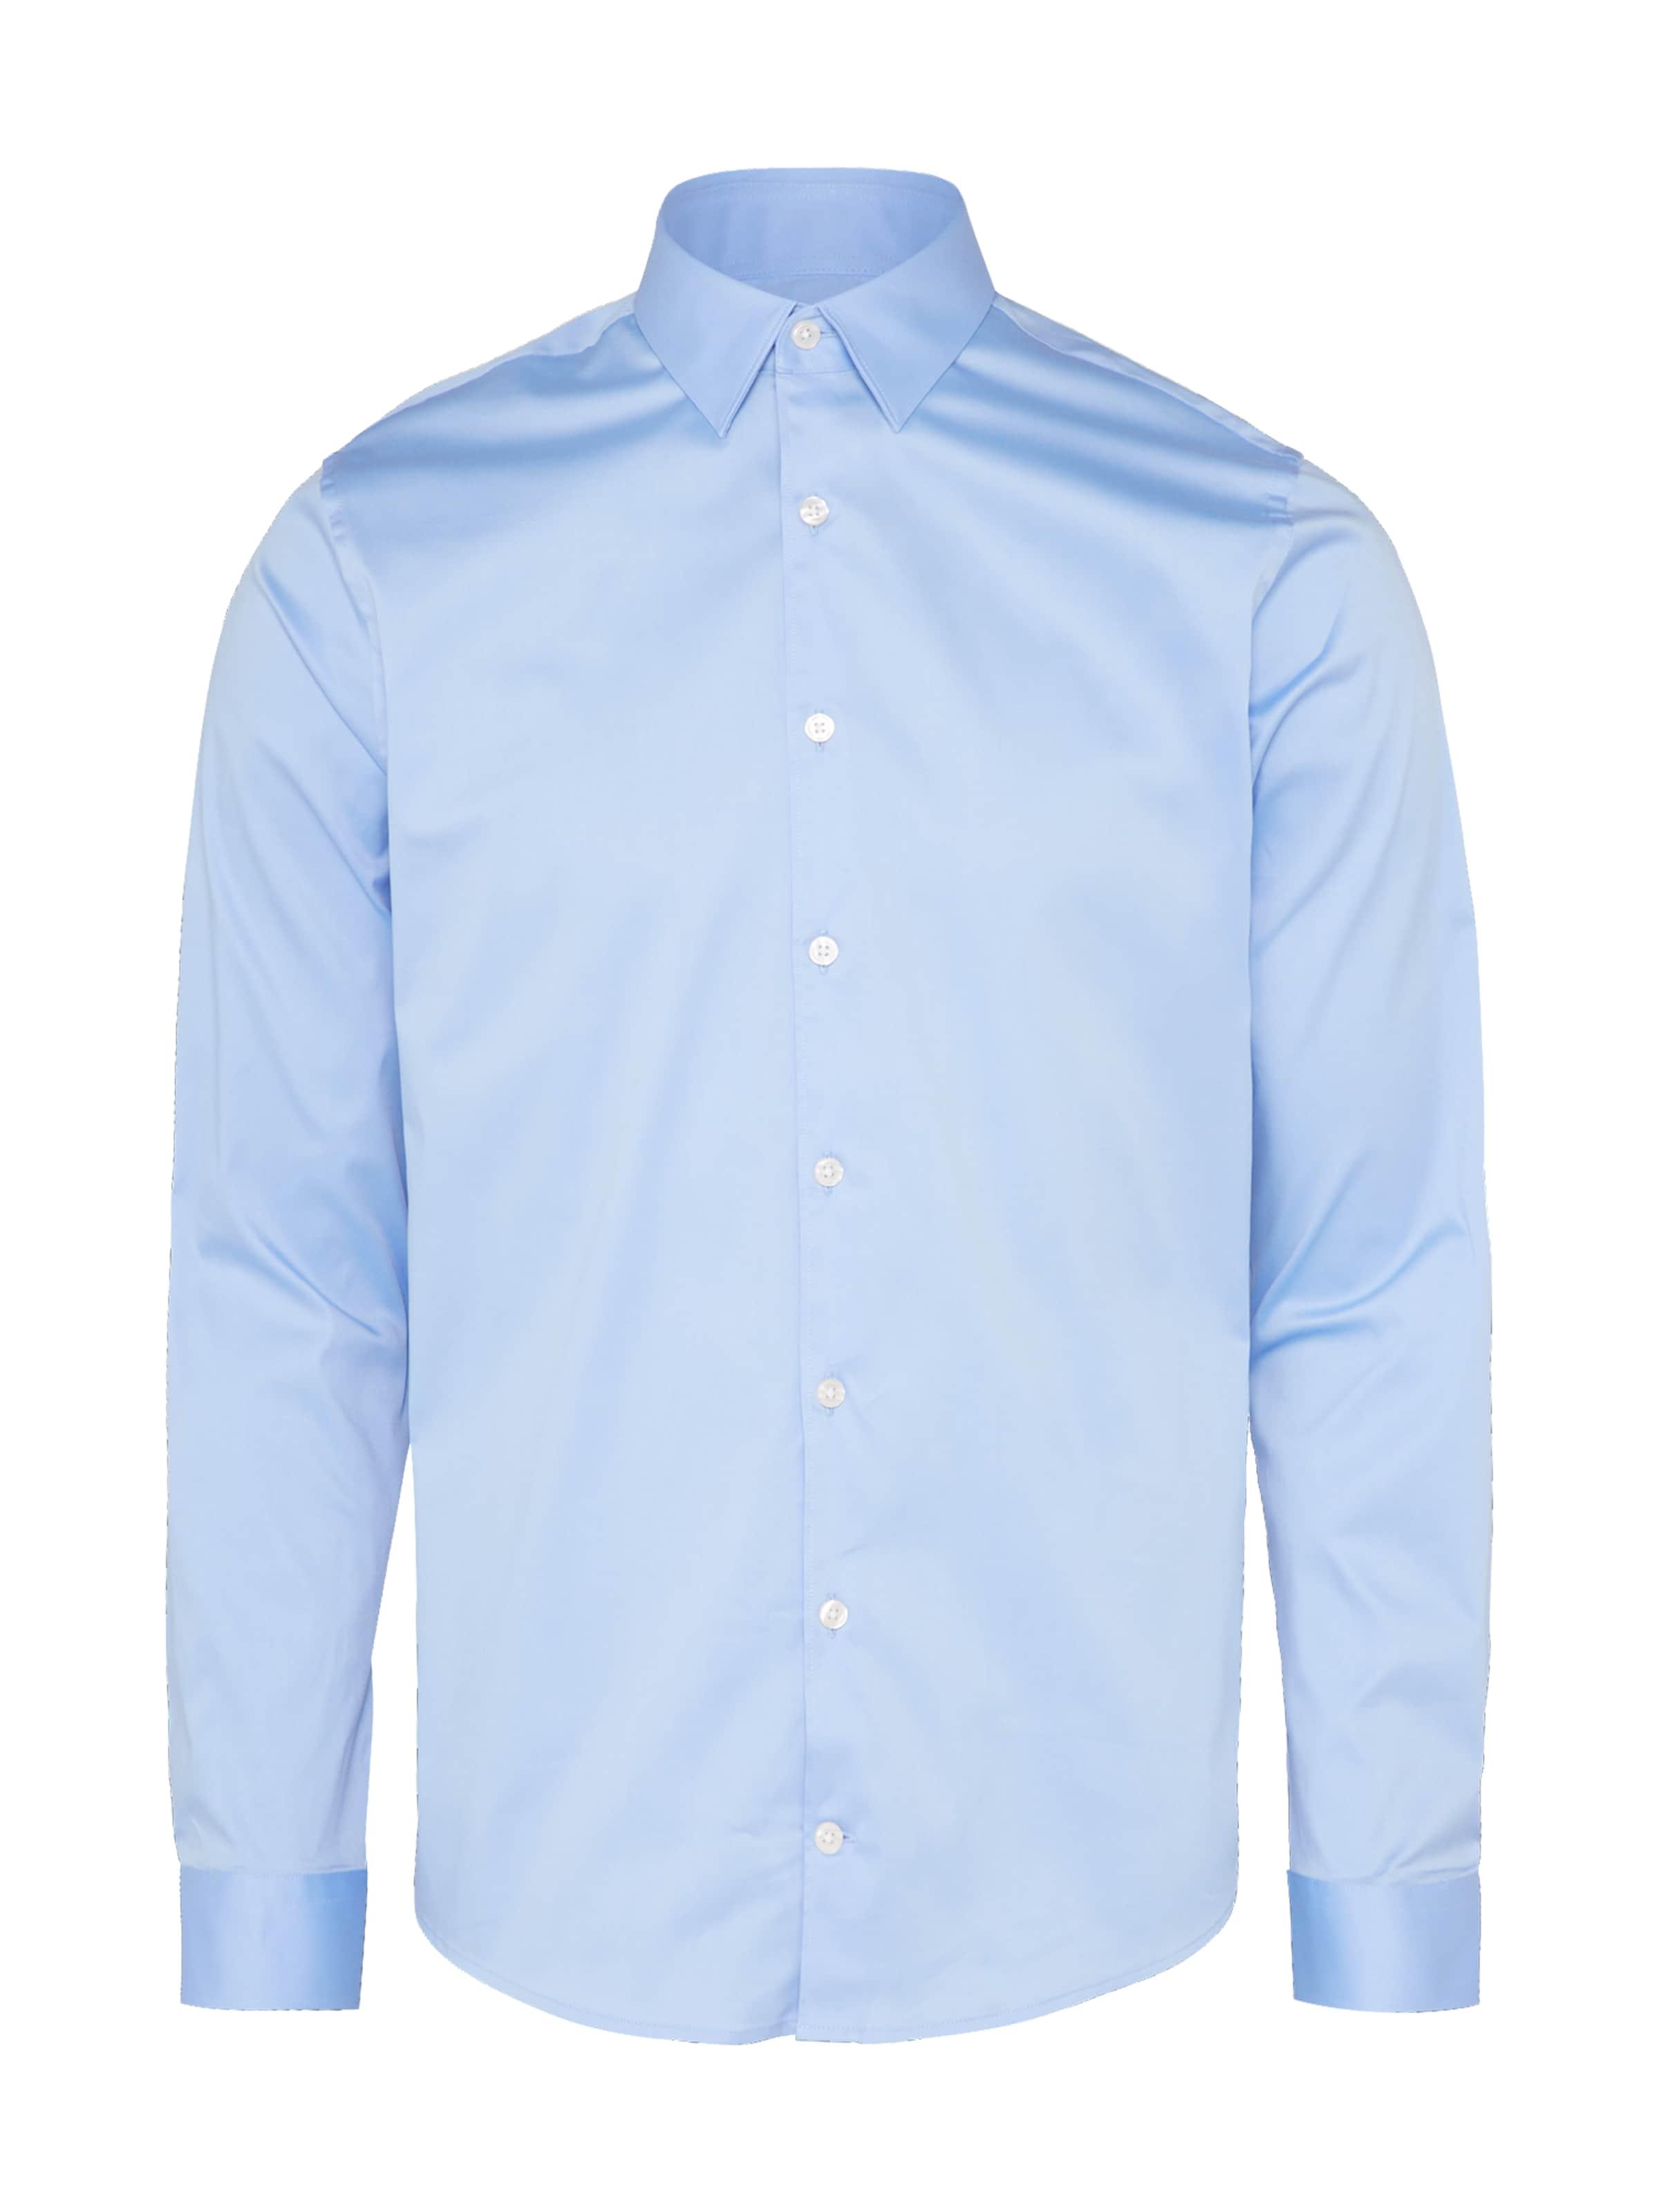 Billig Verkaufen Gefälschte Großhandelspreis Tiger of Sweden Casual Hemd 'BRODIE' Zstdx2uV